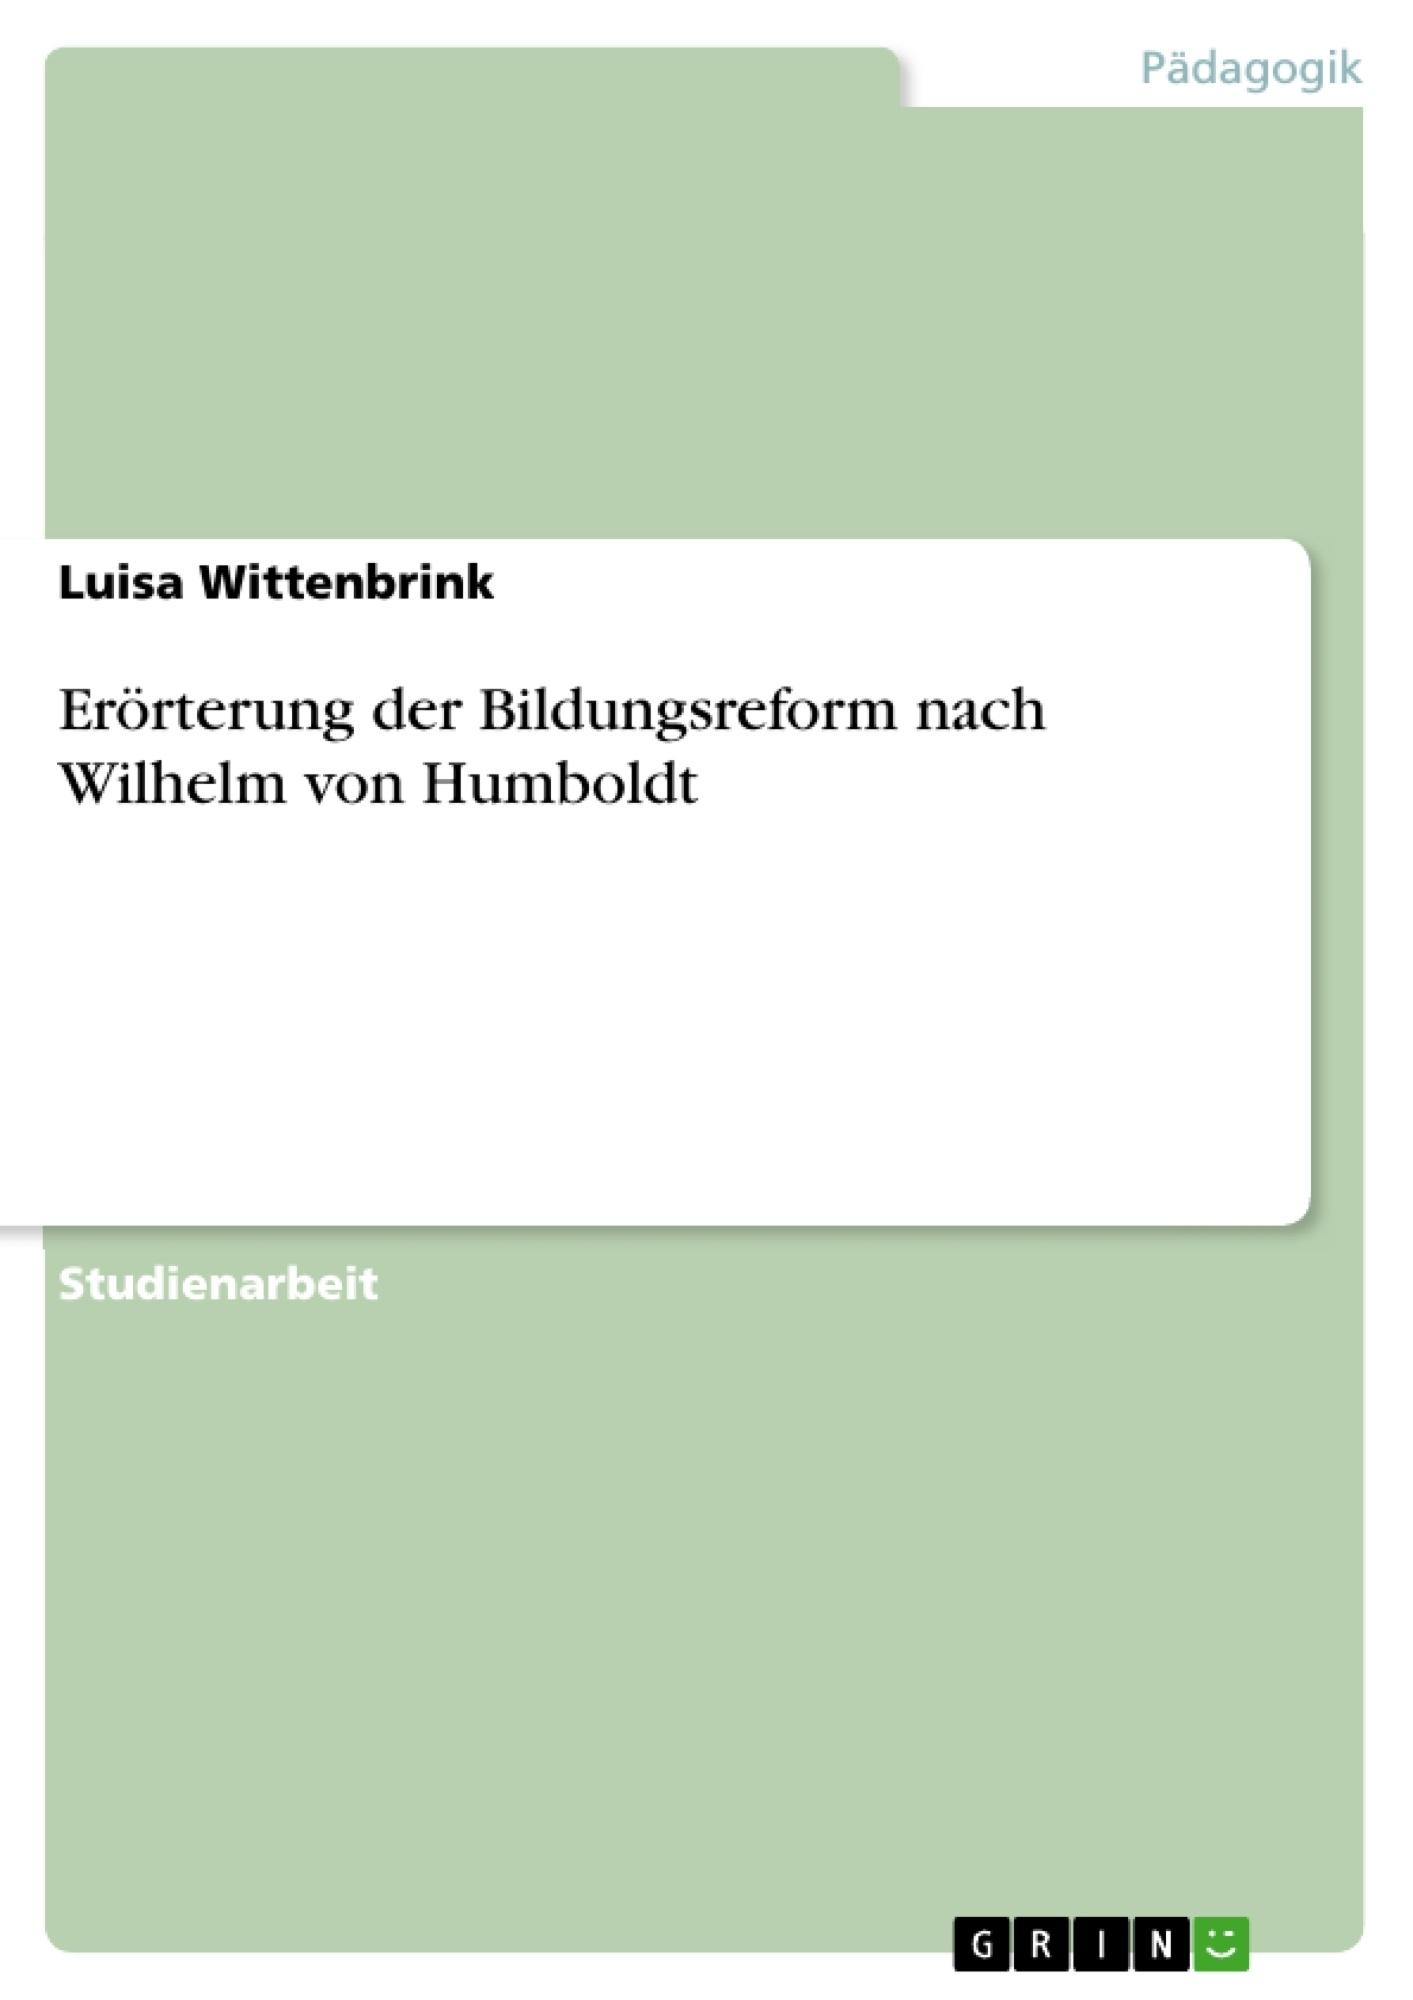 Titel: Erörterung der Bildungsreform nach Wilhelm von Humboldt